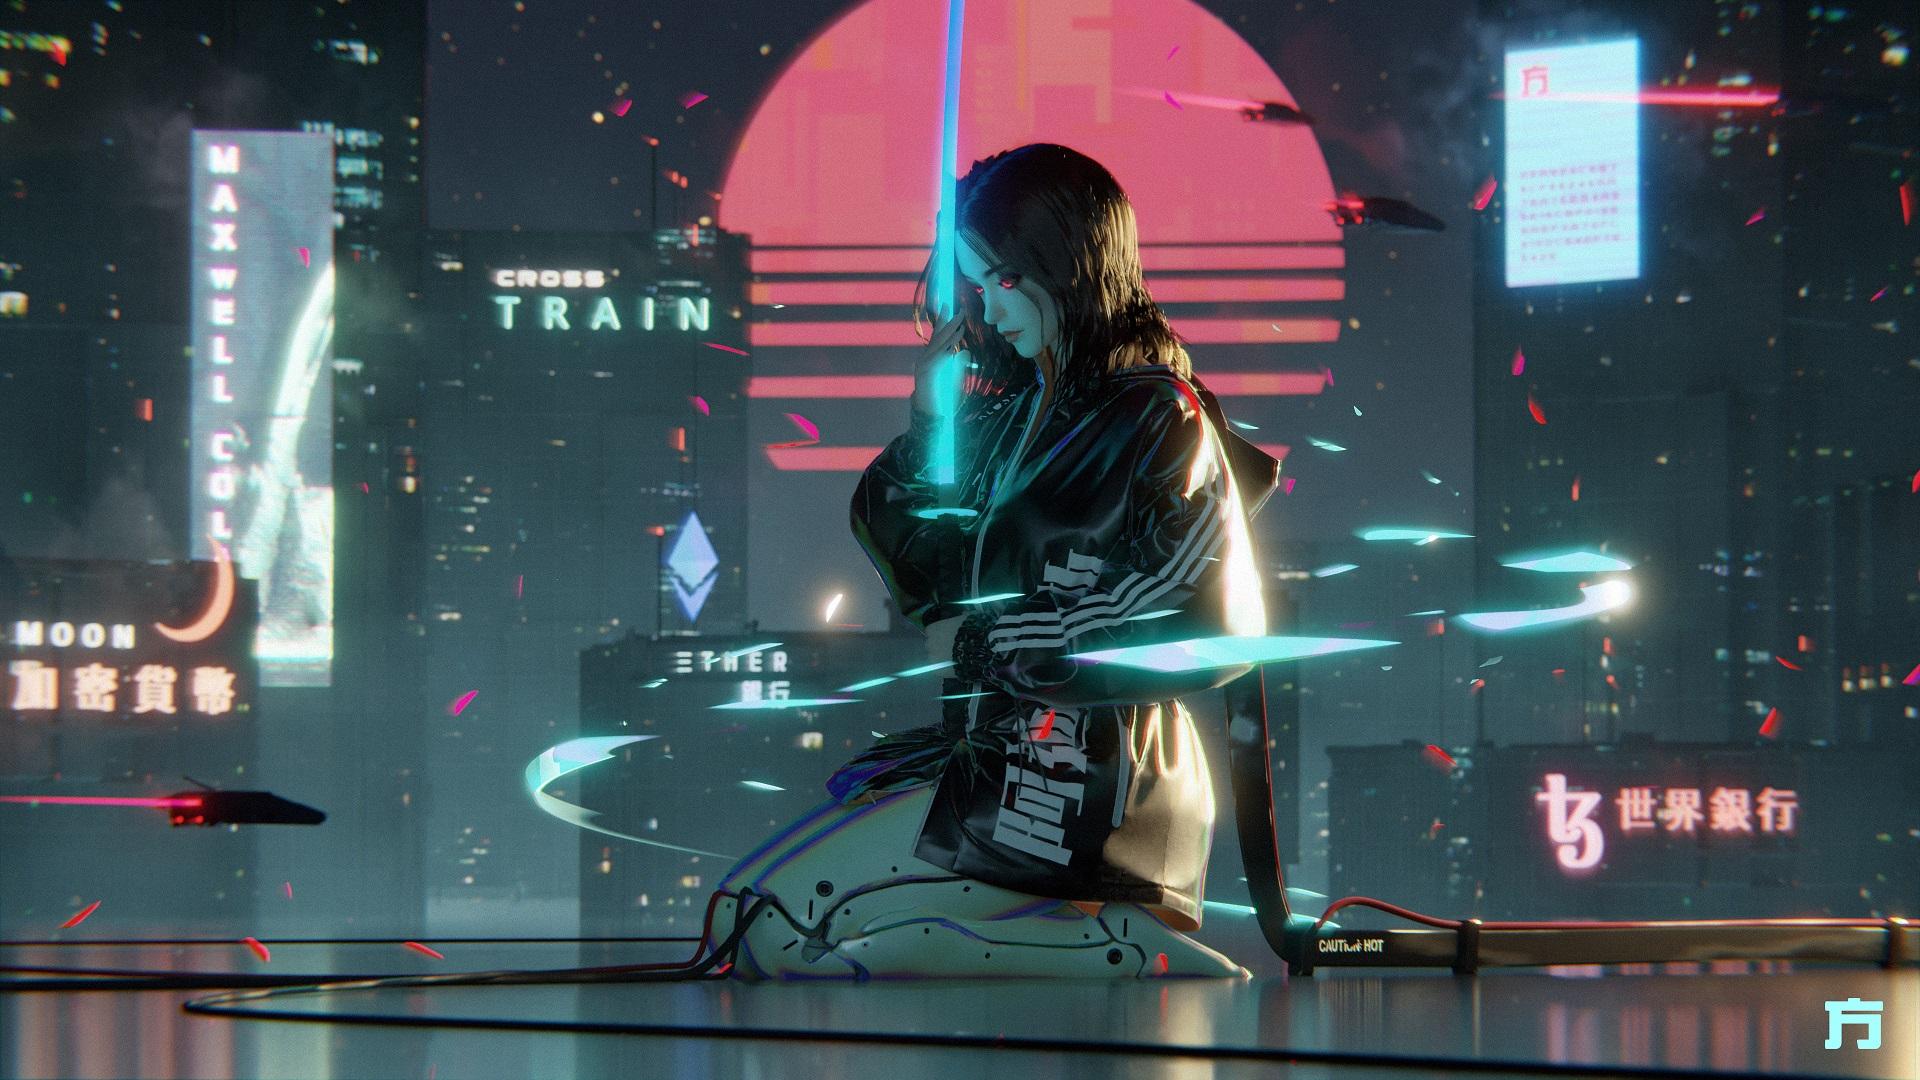 General 1920x1080 artwork fantasy art science fiction women cyberpunk